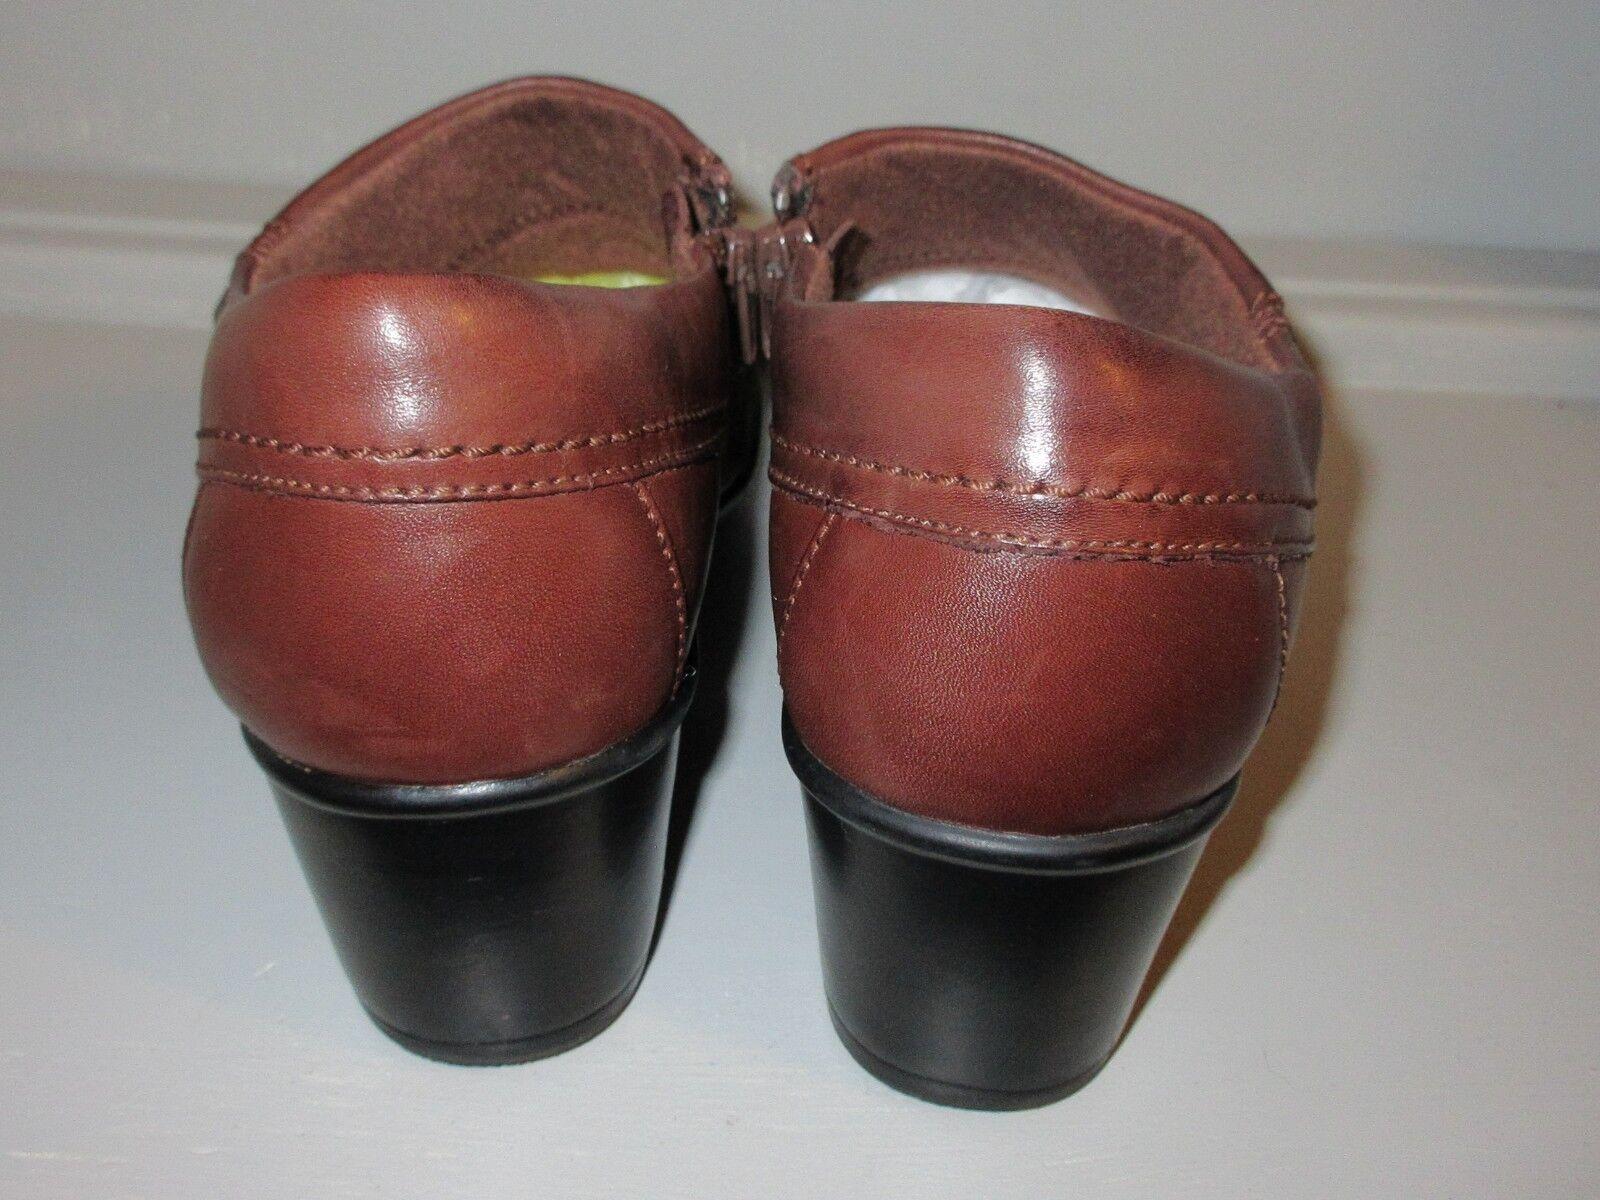 Clarks Para Mujer Talla 7.5 Tobillo cremallera Botines Marrón comodidad cuñas tamaño con cremallera Tobillo 6dda72